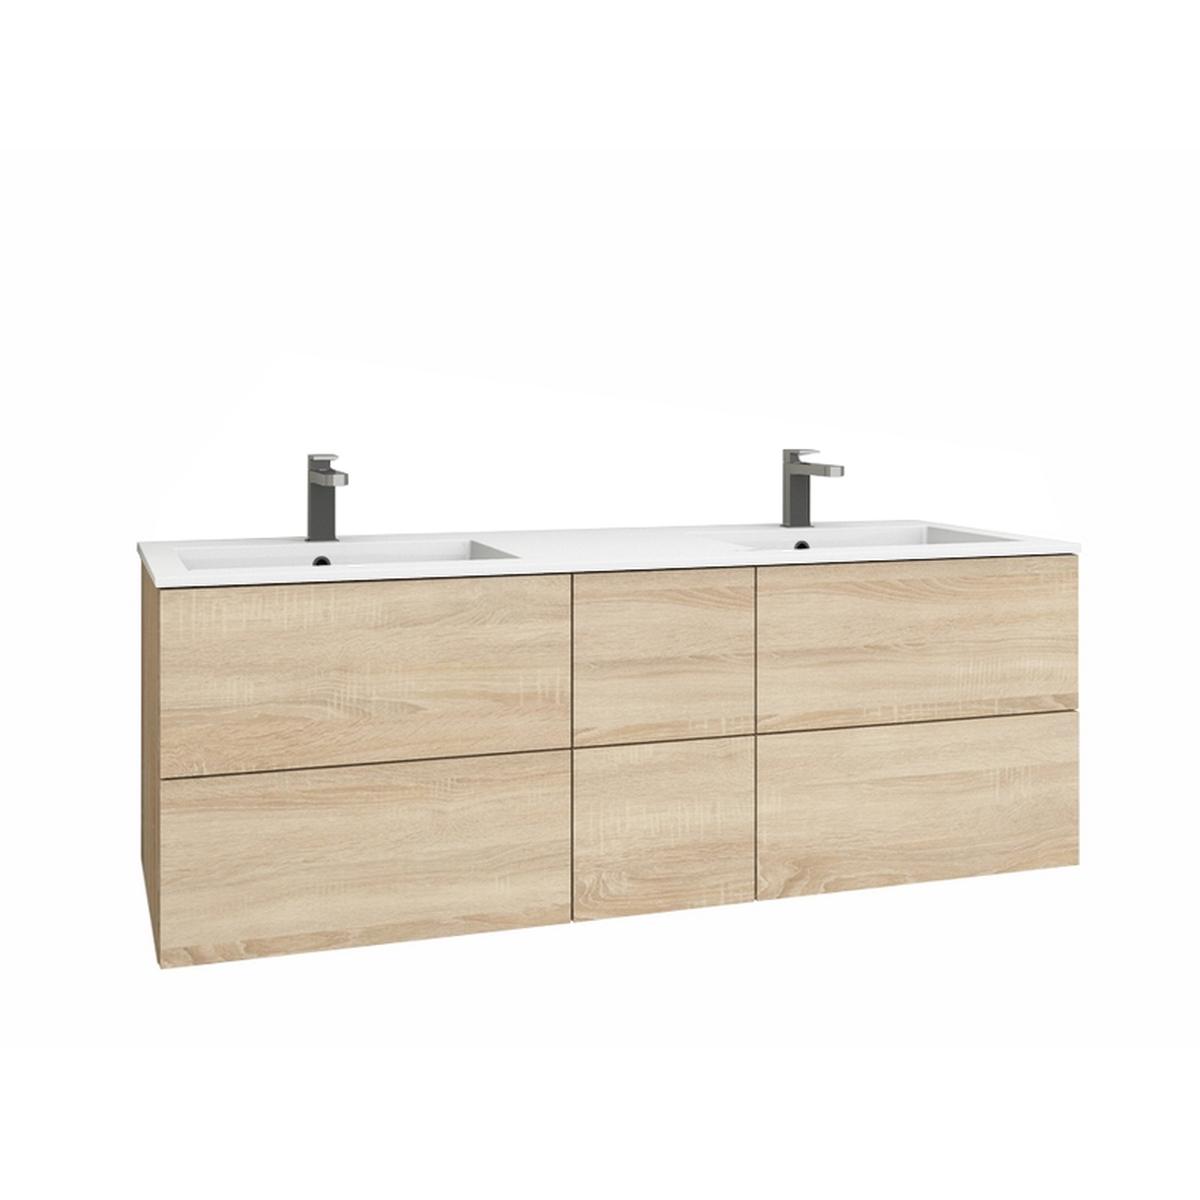 levanto 150d doppelwaschtisch 2 schubladen 4 ausz ge. Black Bedroom Furniture Sets. Home Design Ideas